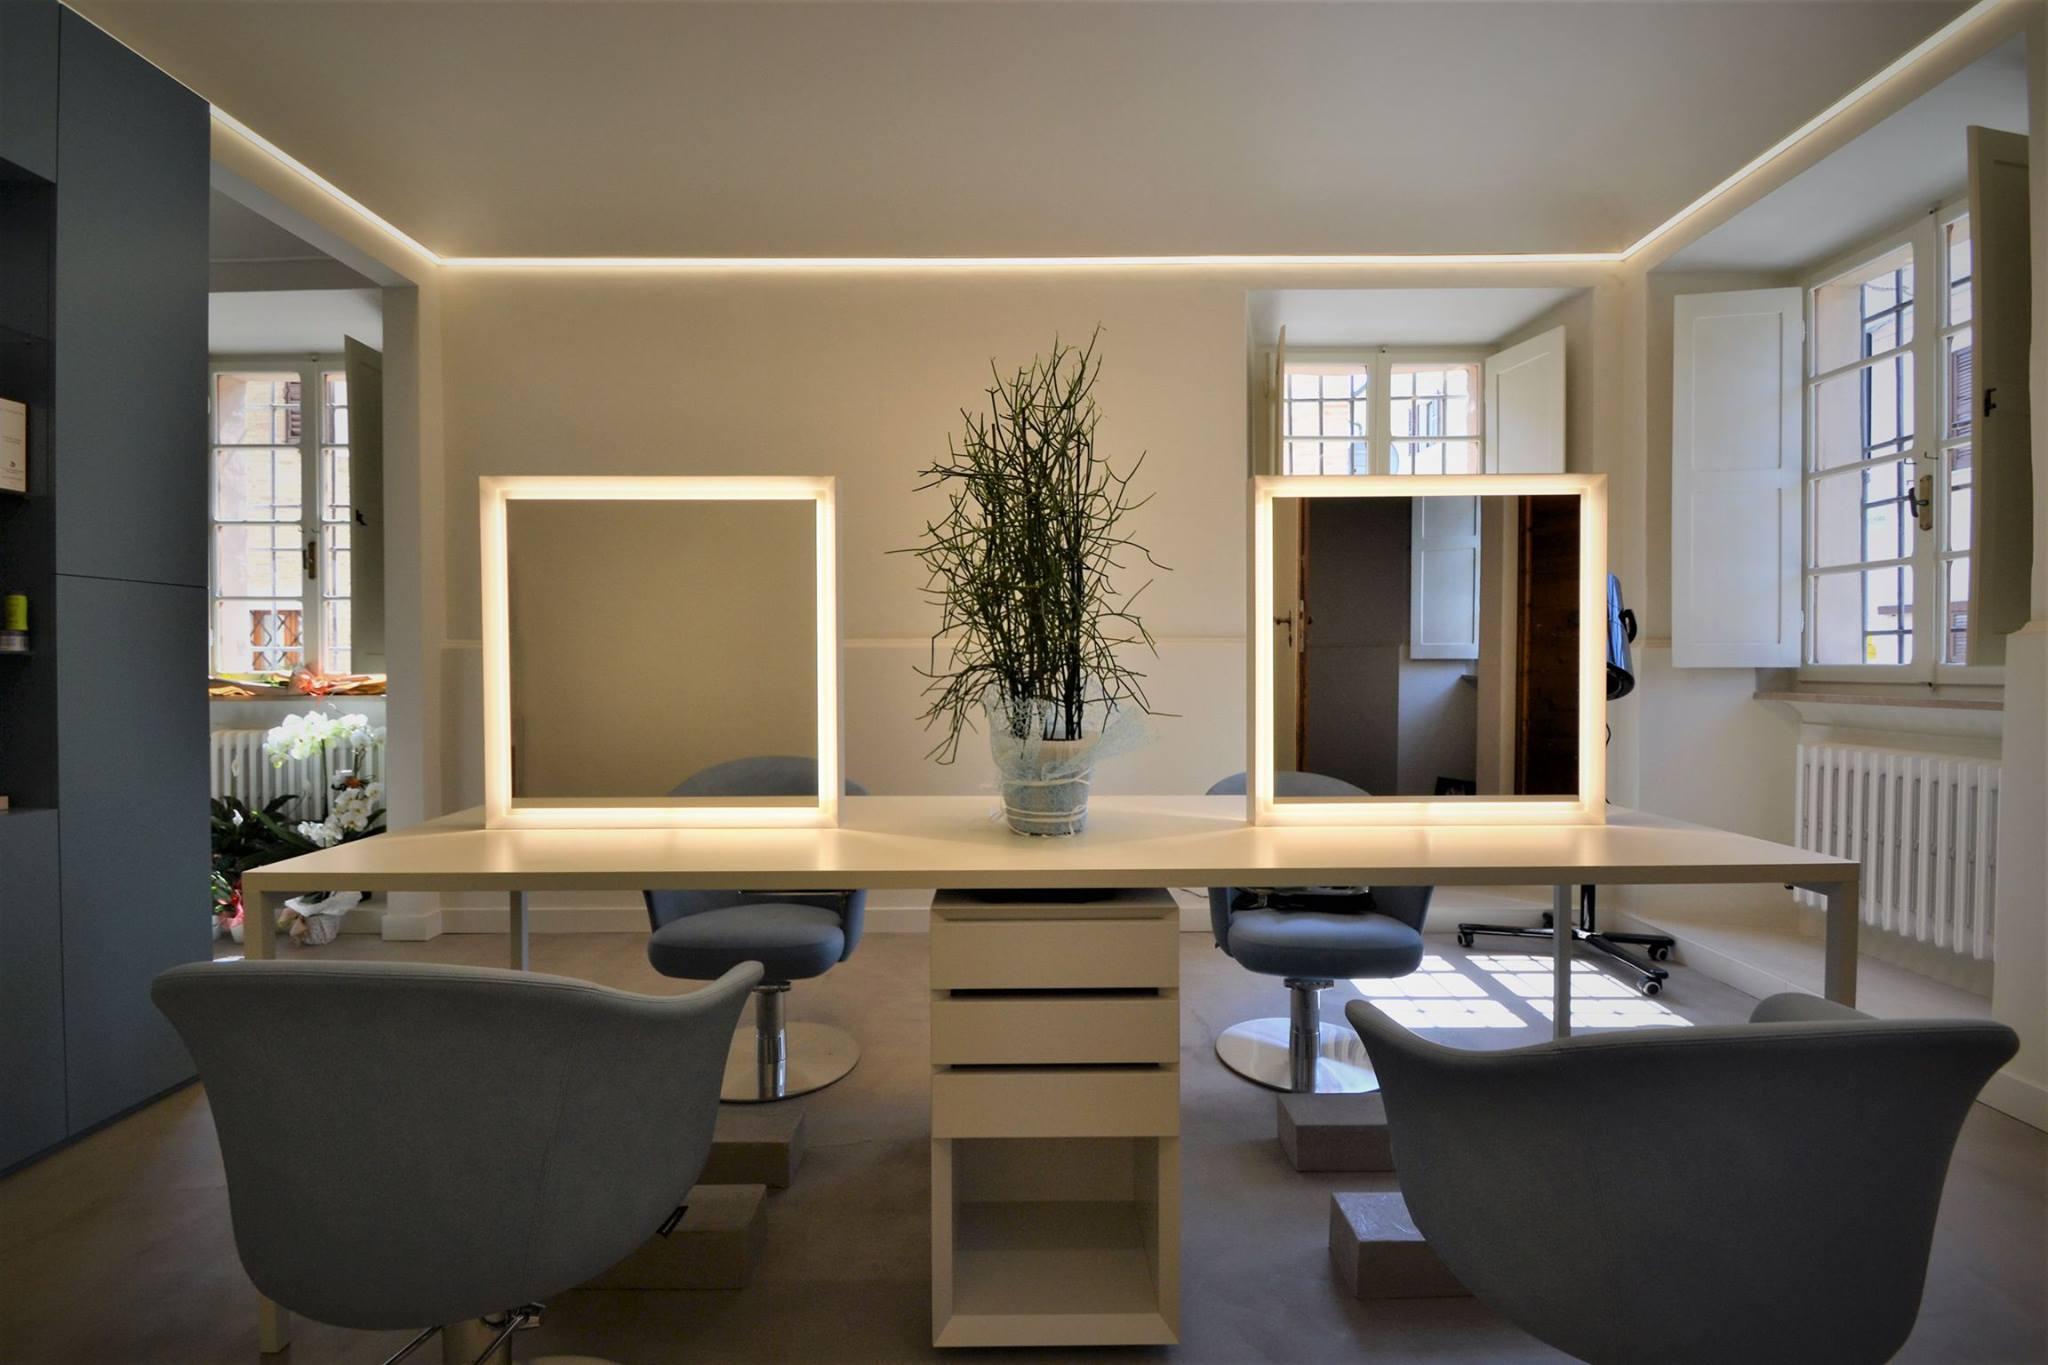 Arredamento casa completo economico ufficio completo with for Arredamento ufficio economico